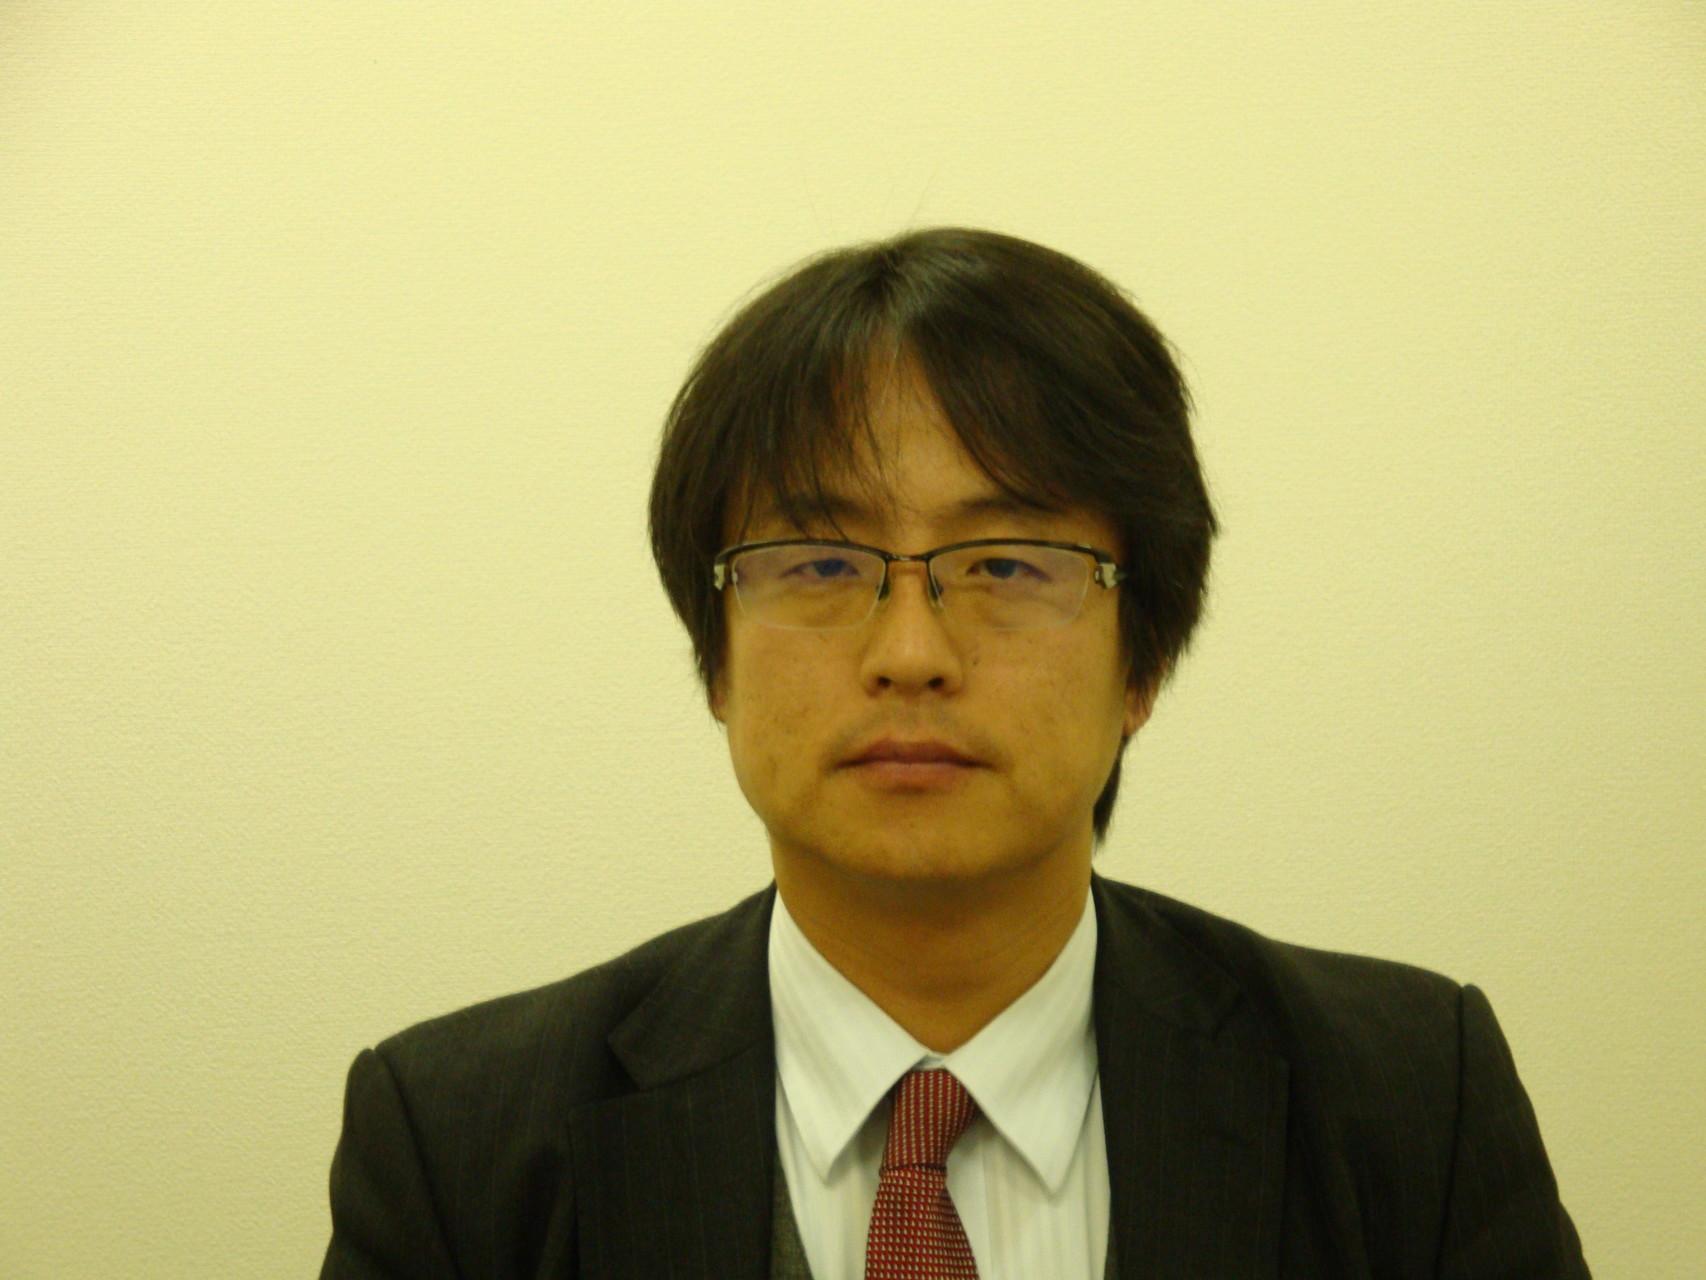 弁護士 橋本貴司